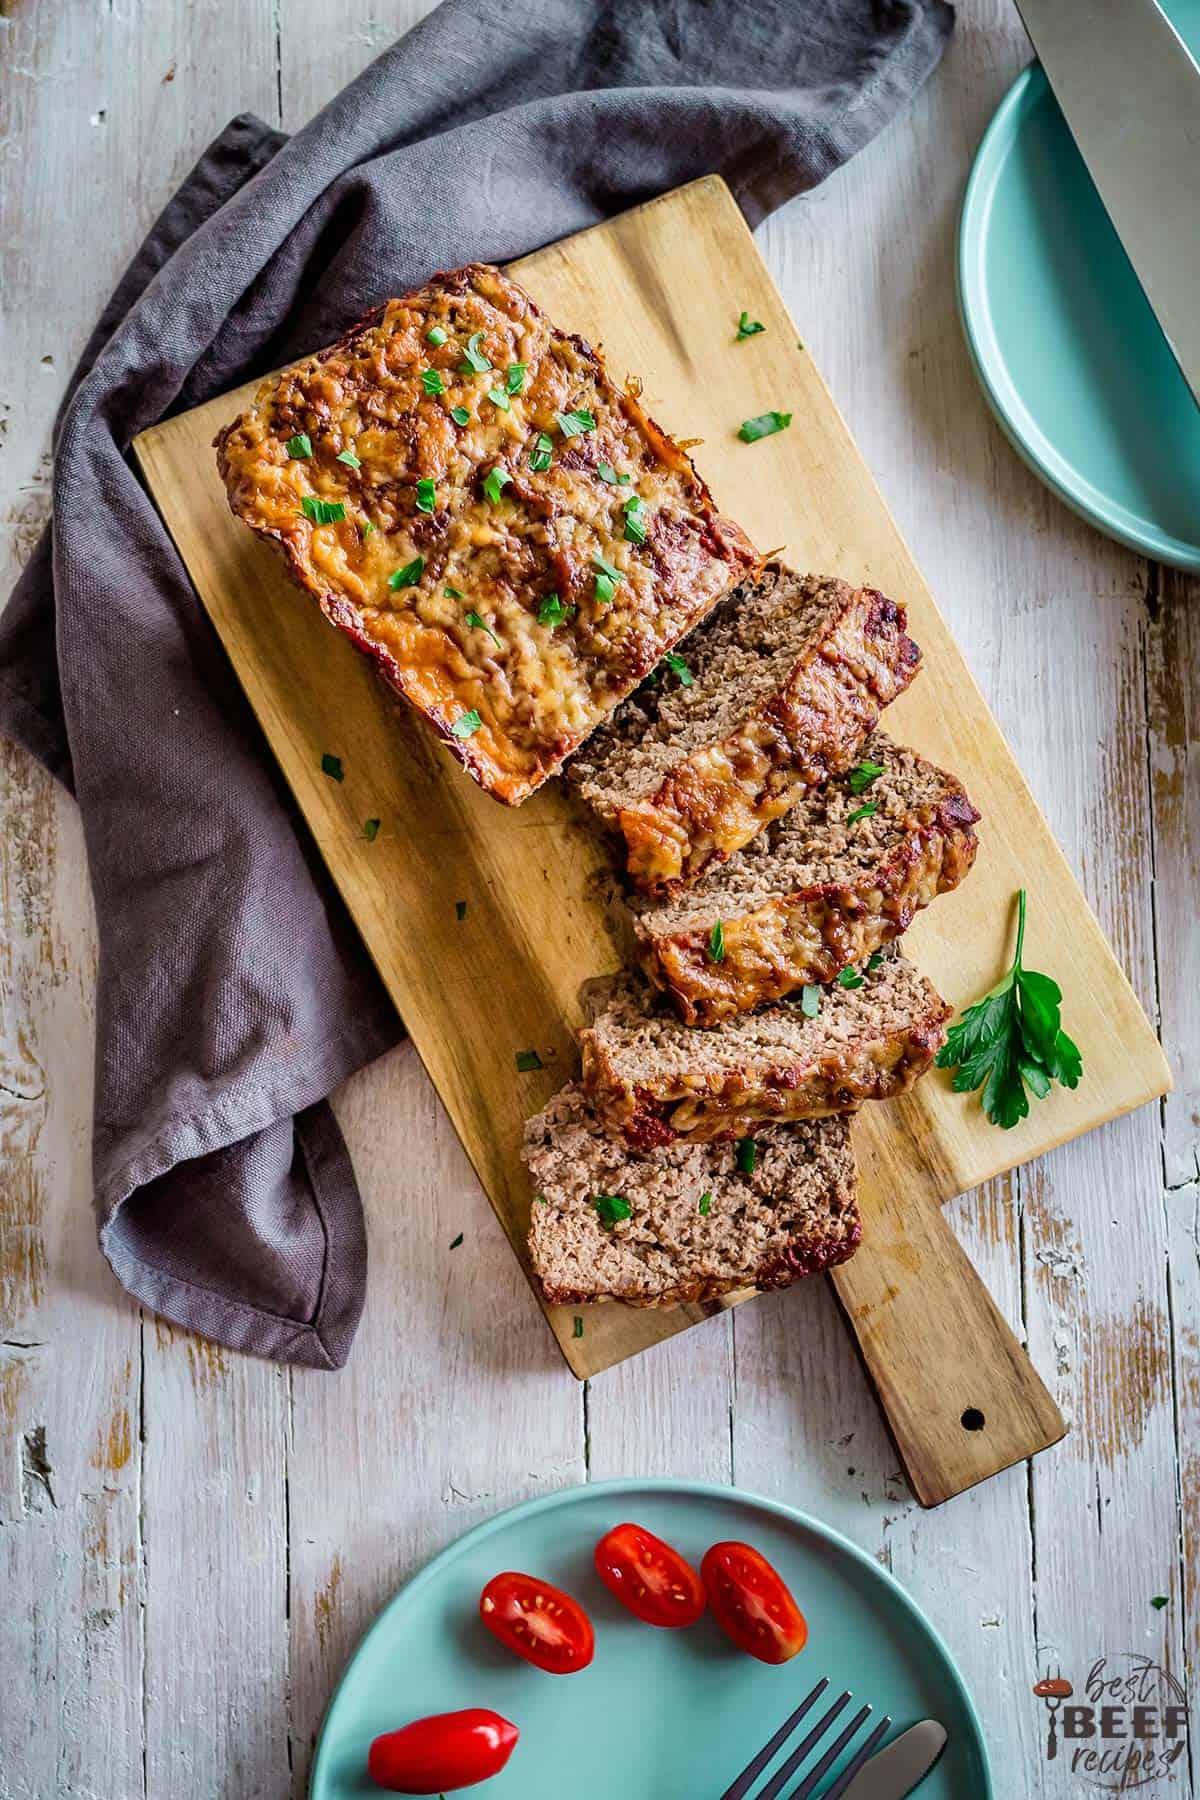 Keto meatloaf on a wooden serving board